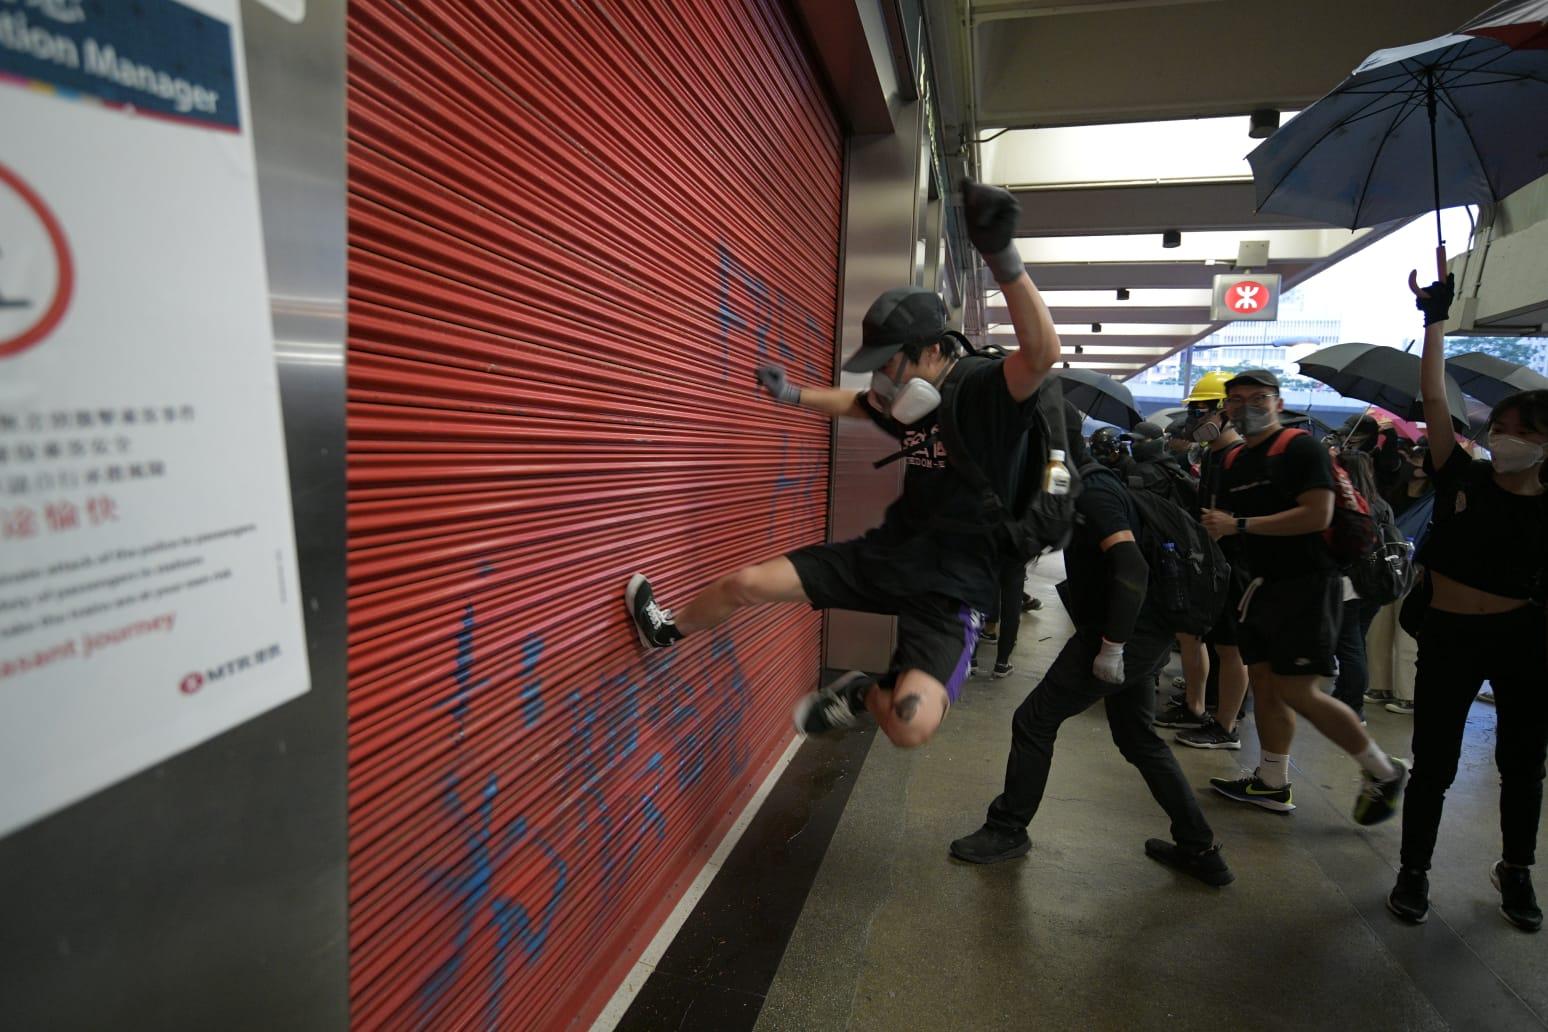 荃灣站被示威者破壞。